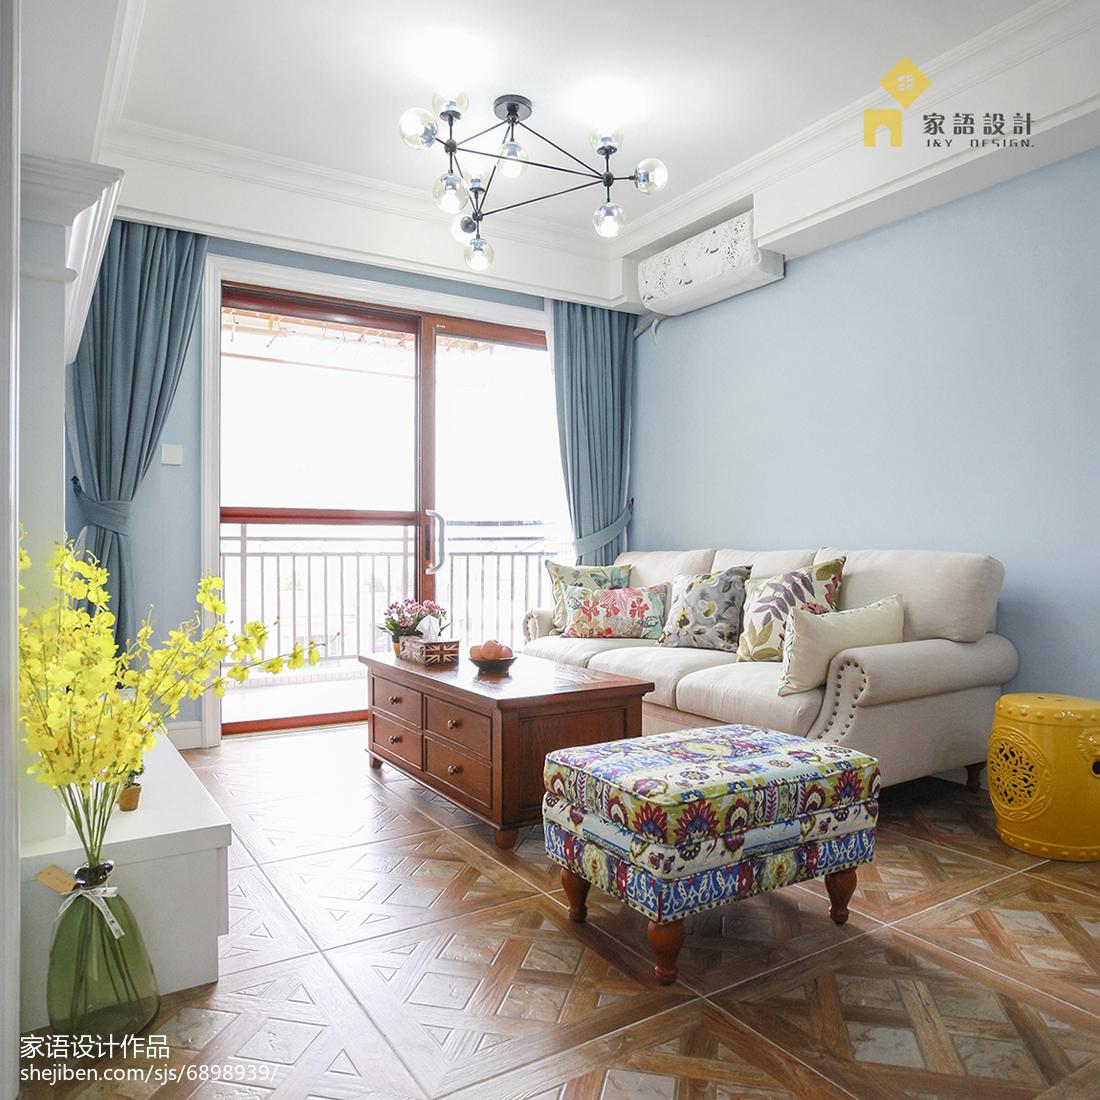 清新美式风格家居客厅布置美式经典设计图片赏析